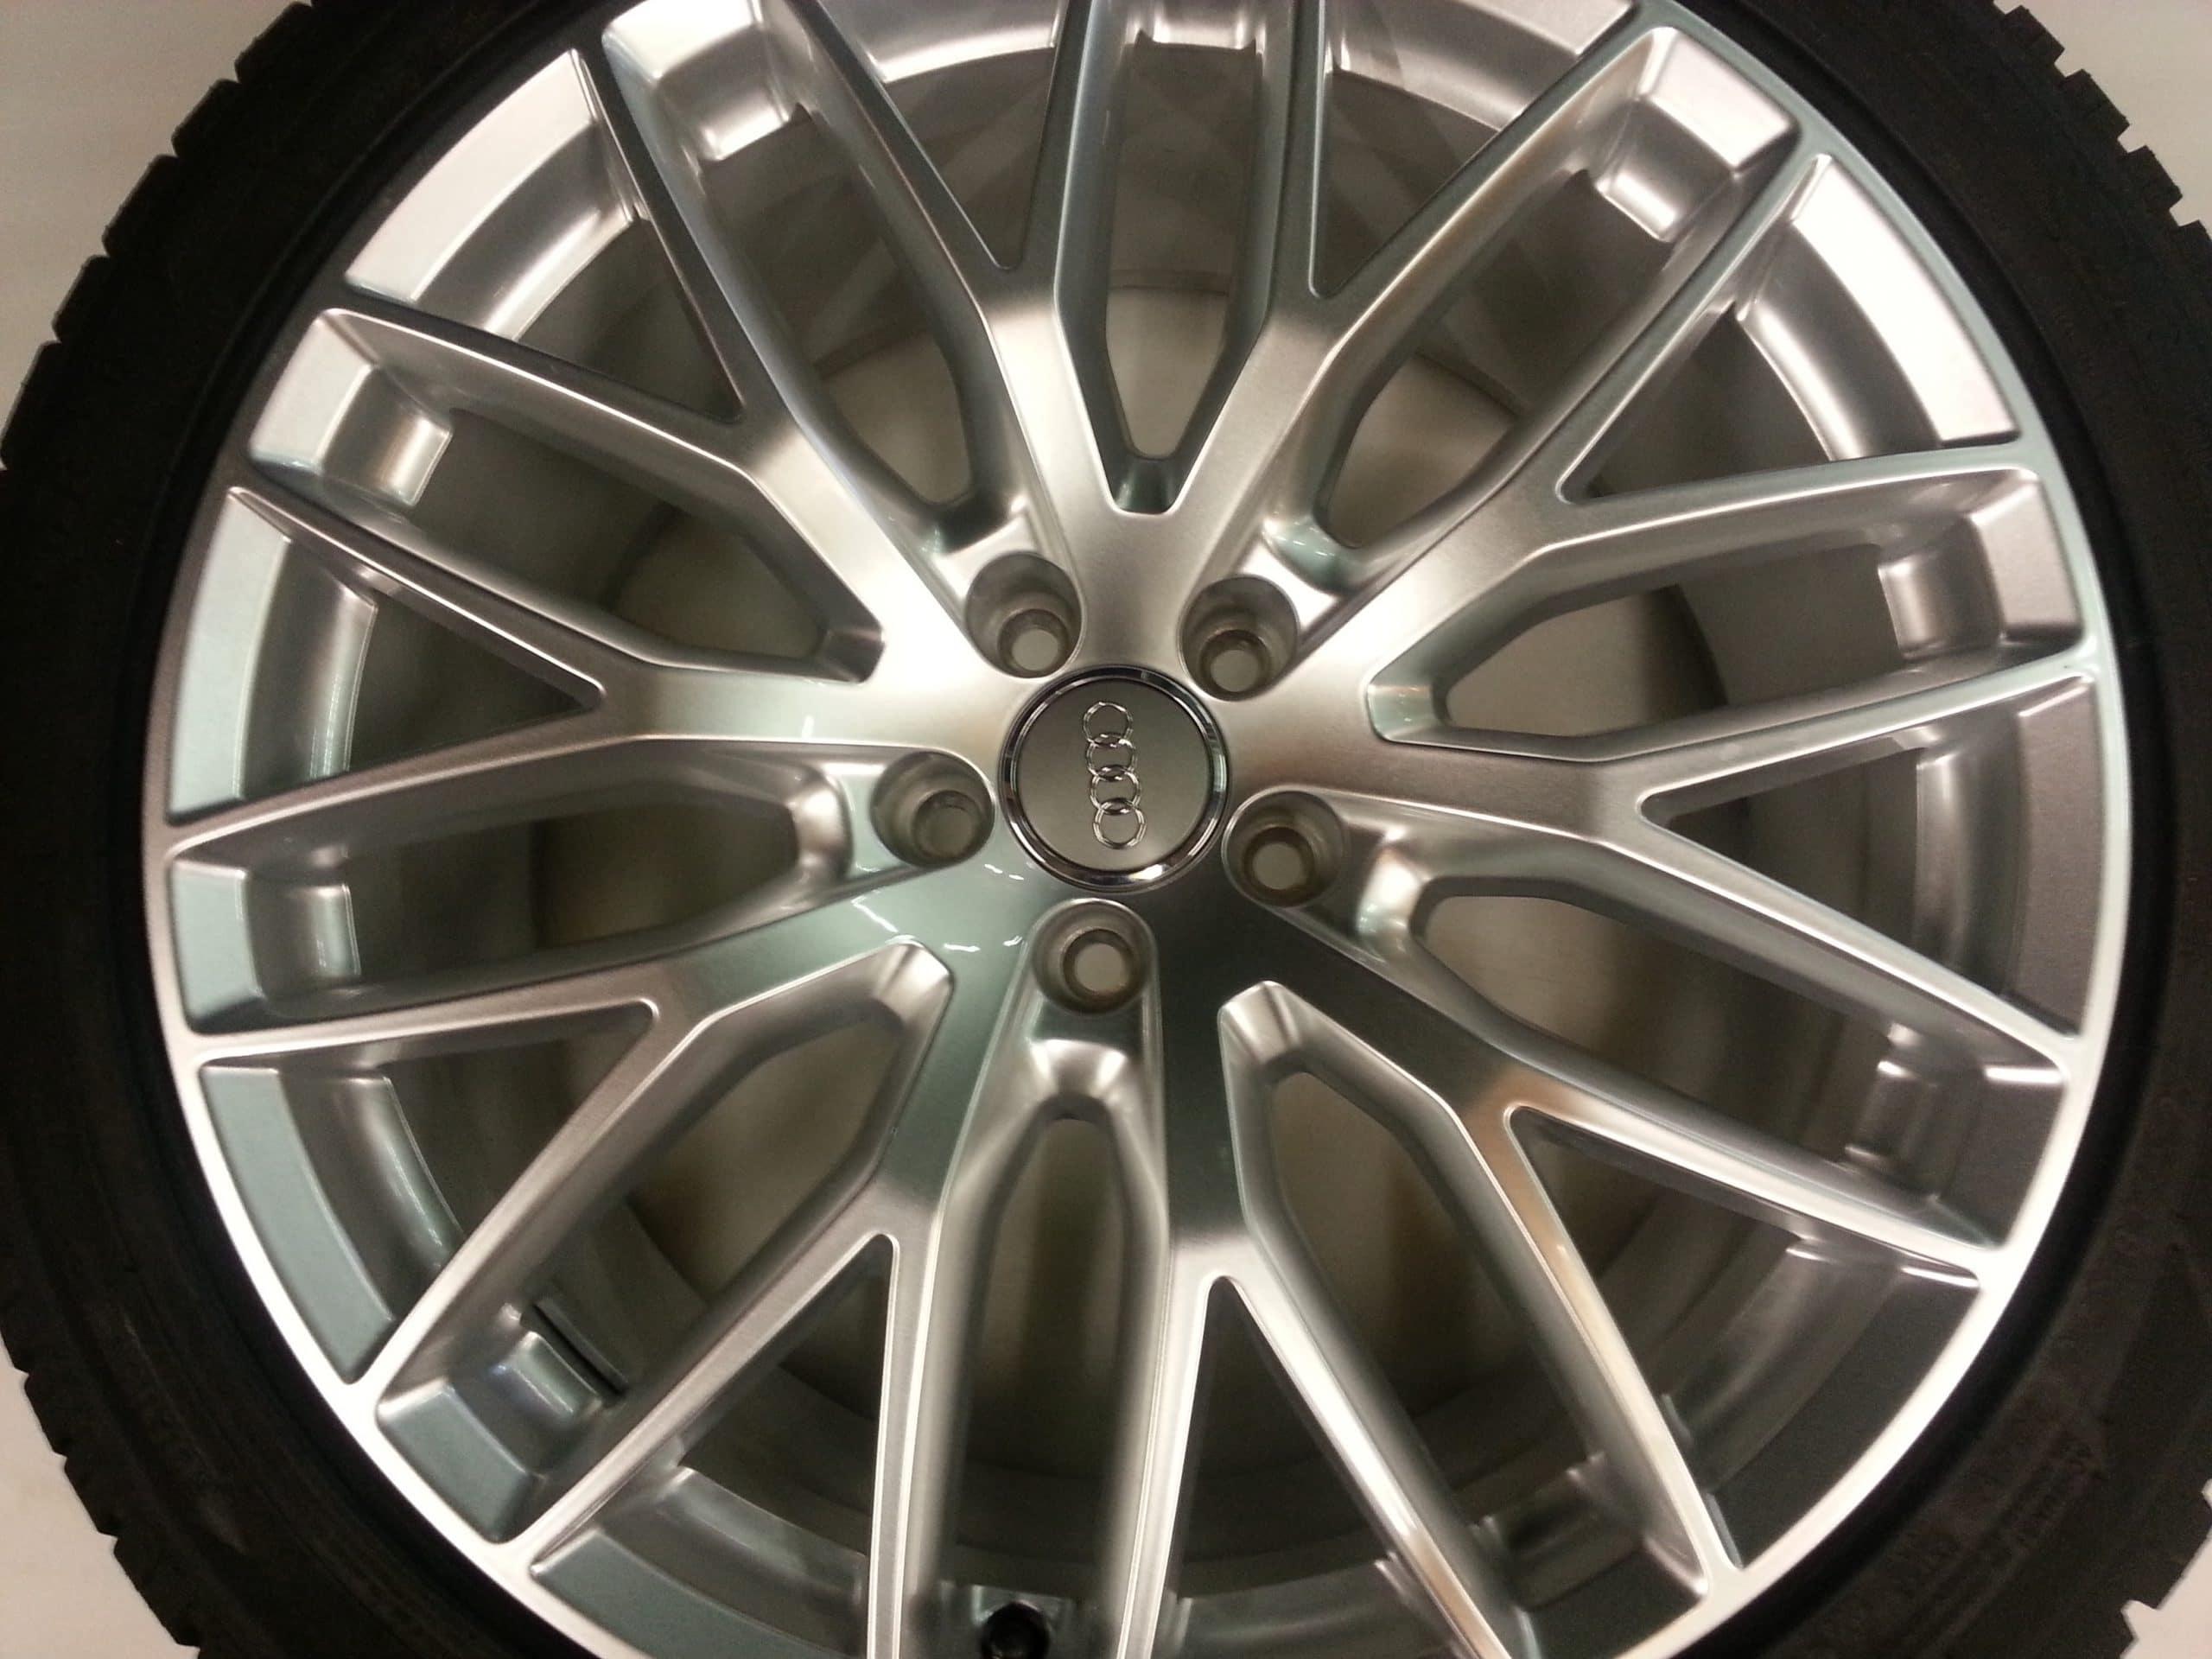 Velgen Audi A8 4h 20 Inch Origineel Dunlop 26540vr20 104v Sp Wintersport 3d Ao Winterbanden